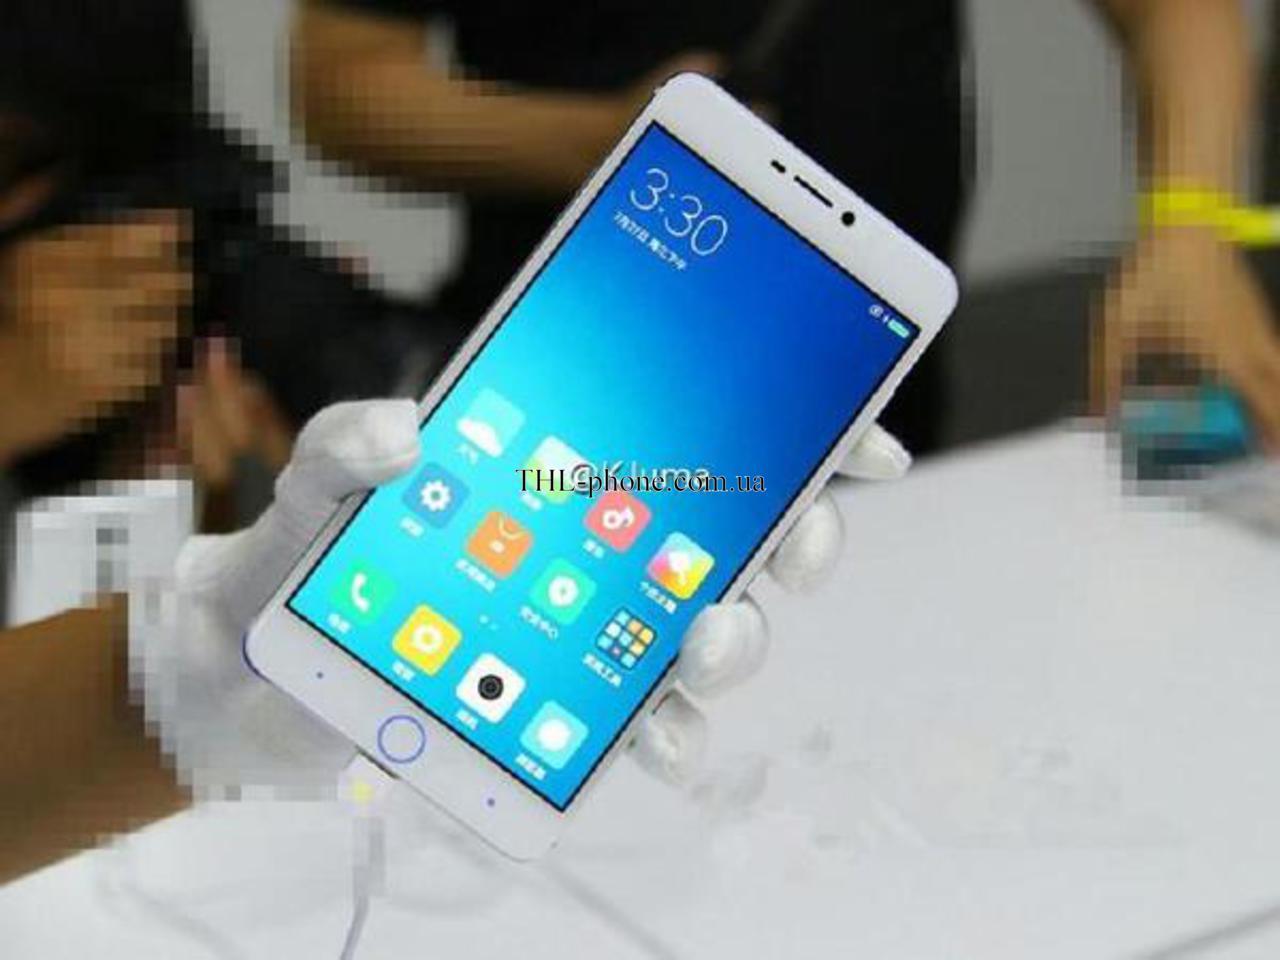 Xiaomi Mi5s White thl-phone.com.ua